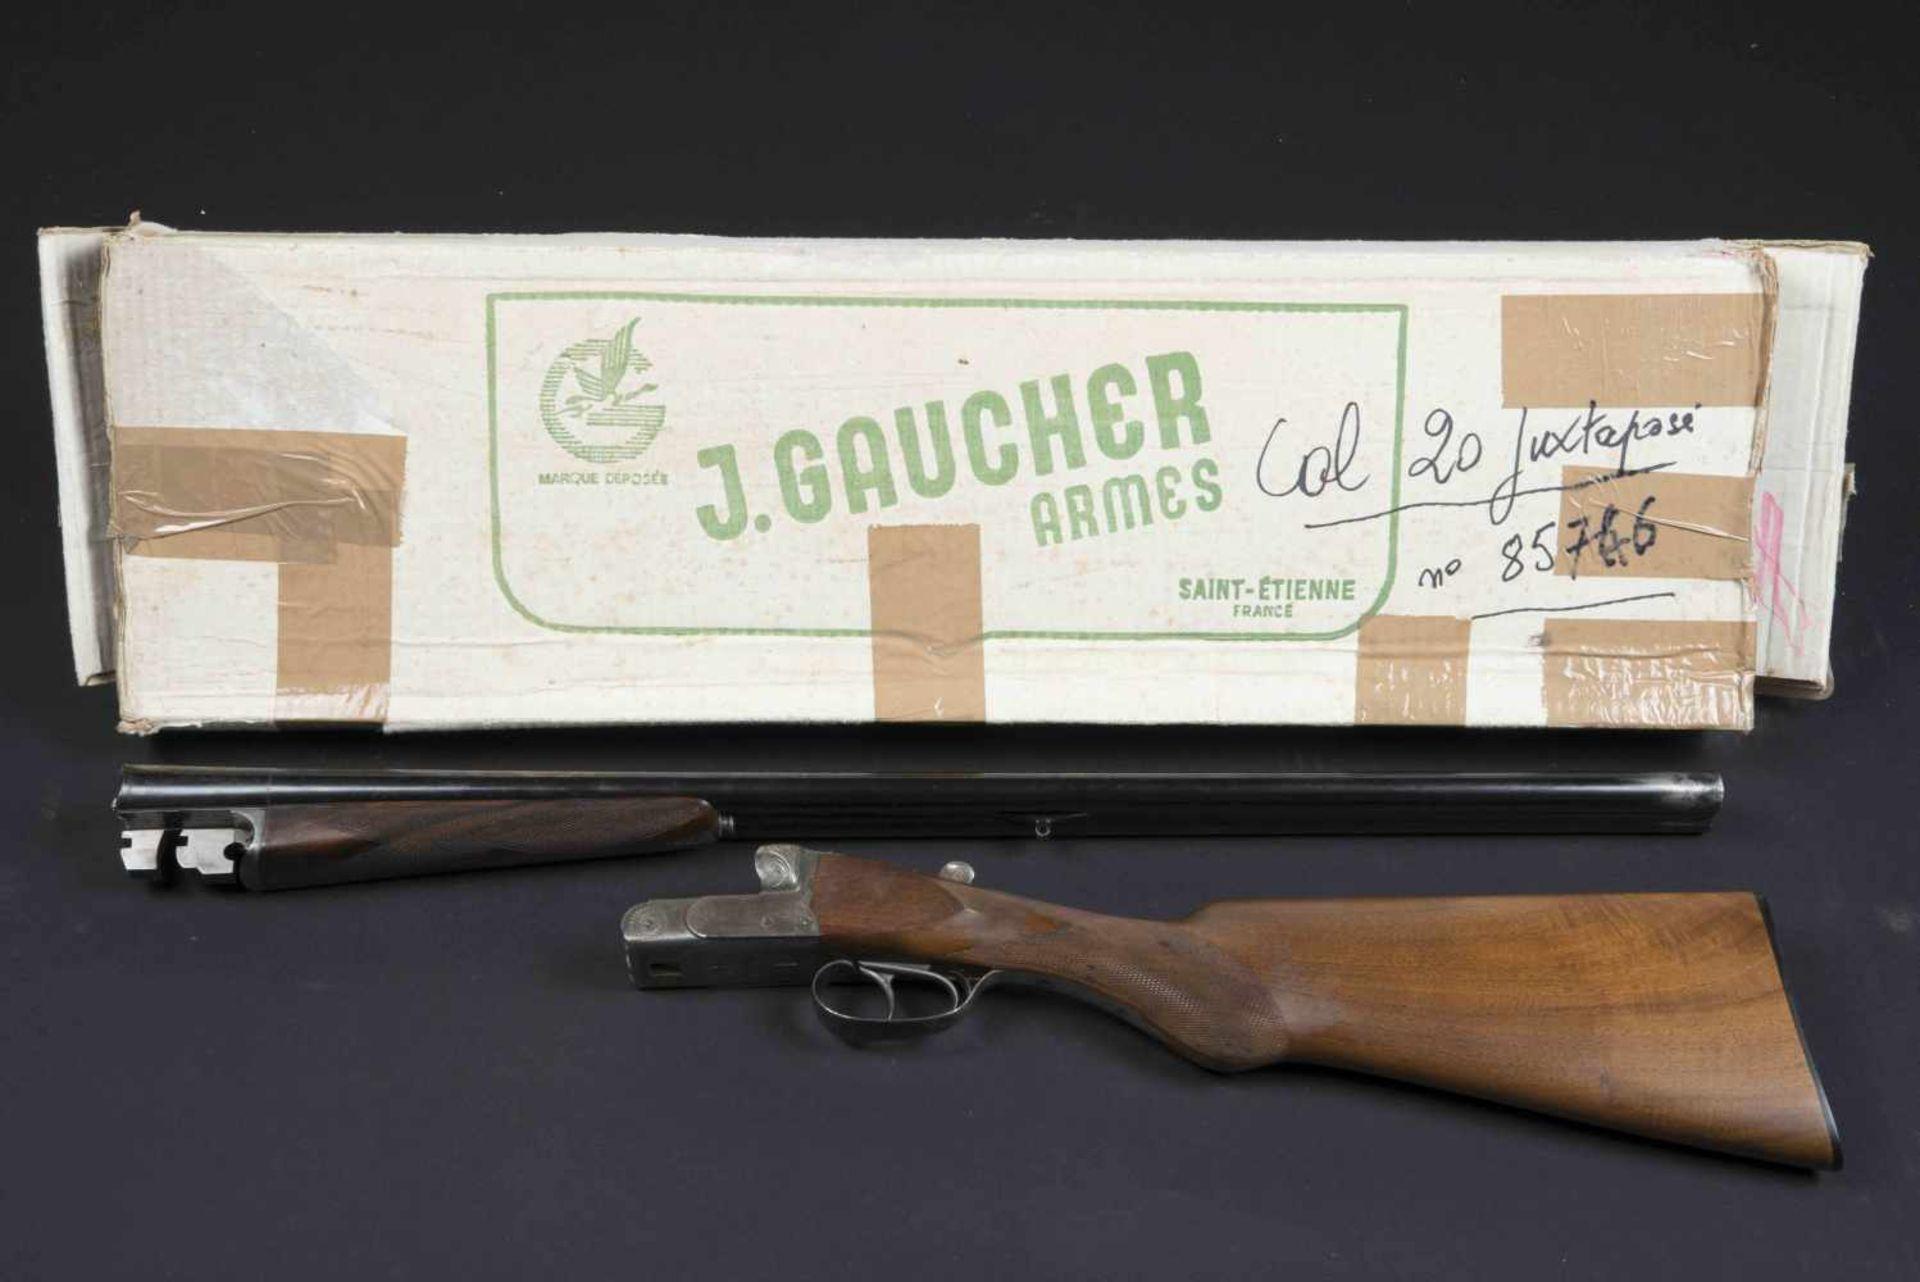 Fusil de chasse juxtaposé Robust Catégorie C Calibre 16/70, numéro 745236. En carton, jamais